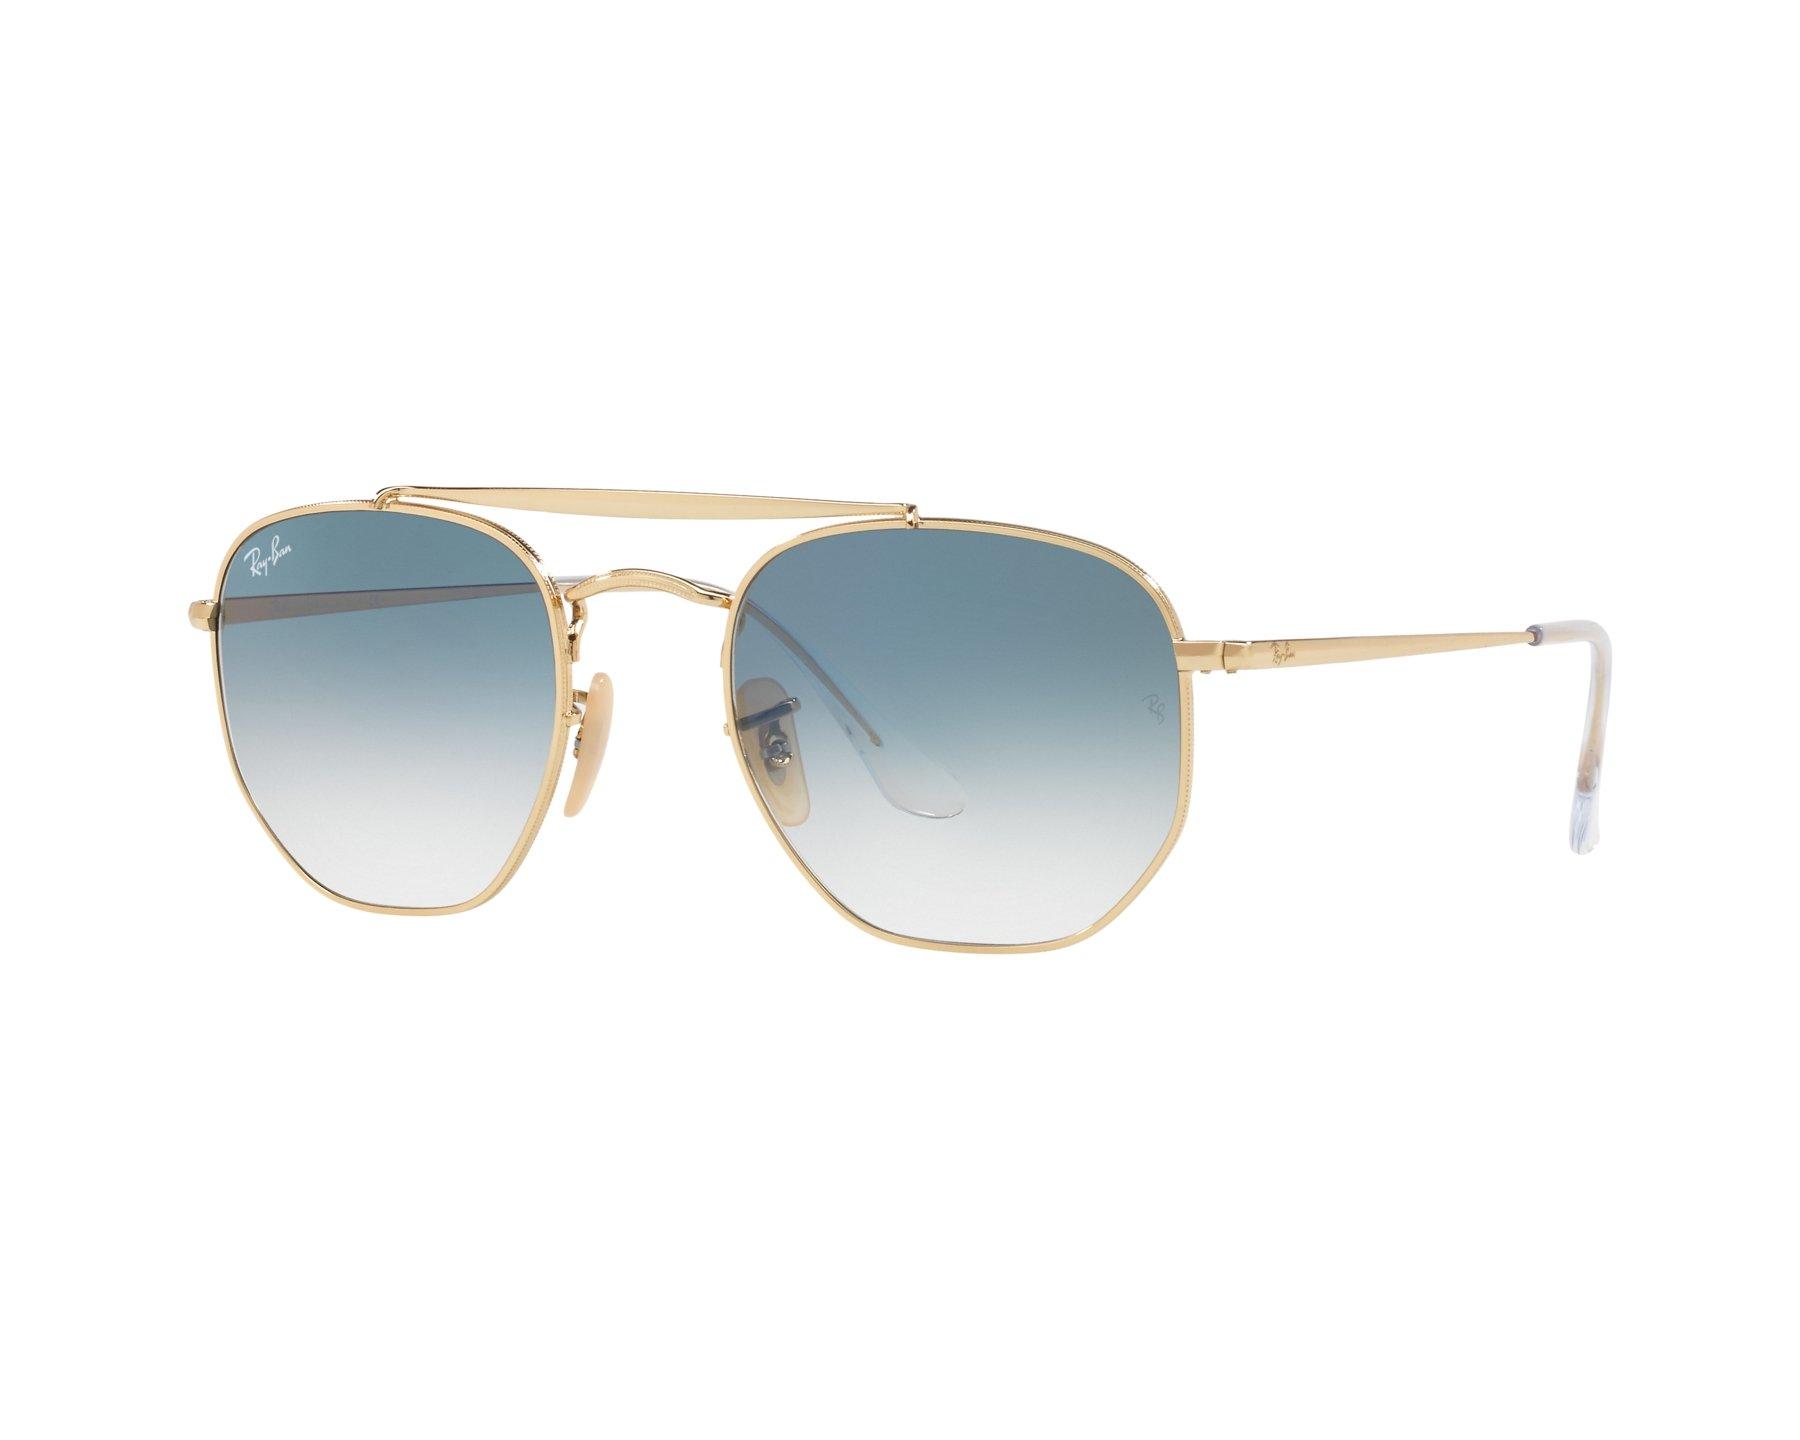 d8b50b9c06aa8 Sunglasses Ray-Ban RB-3648 001 3F 54-21 Gold